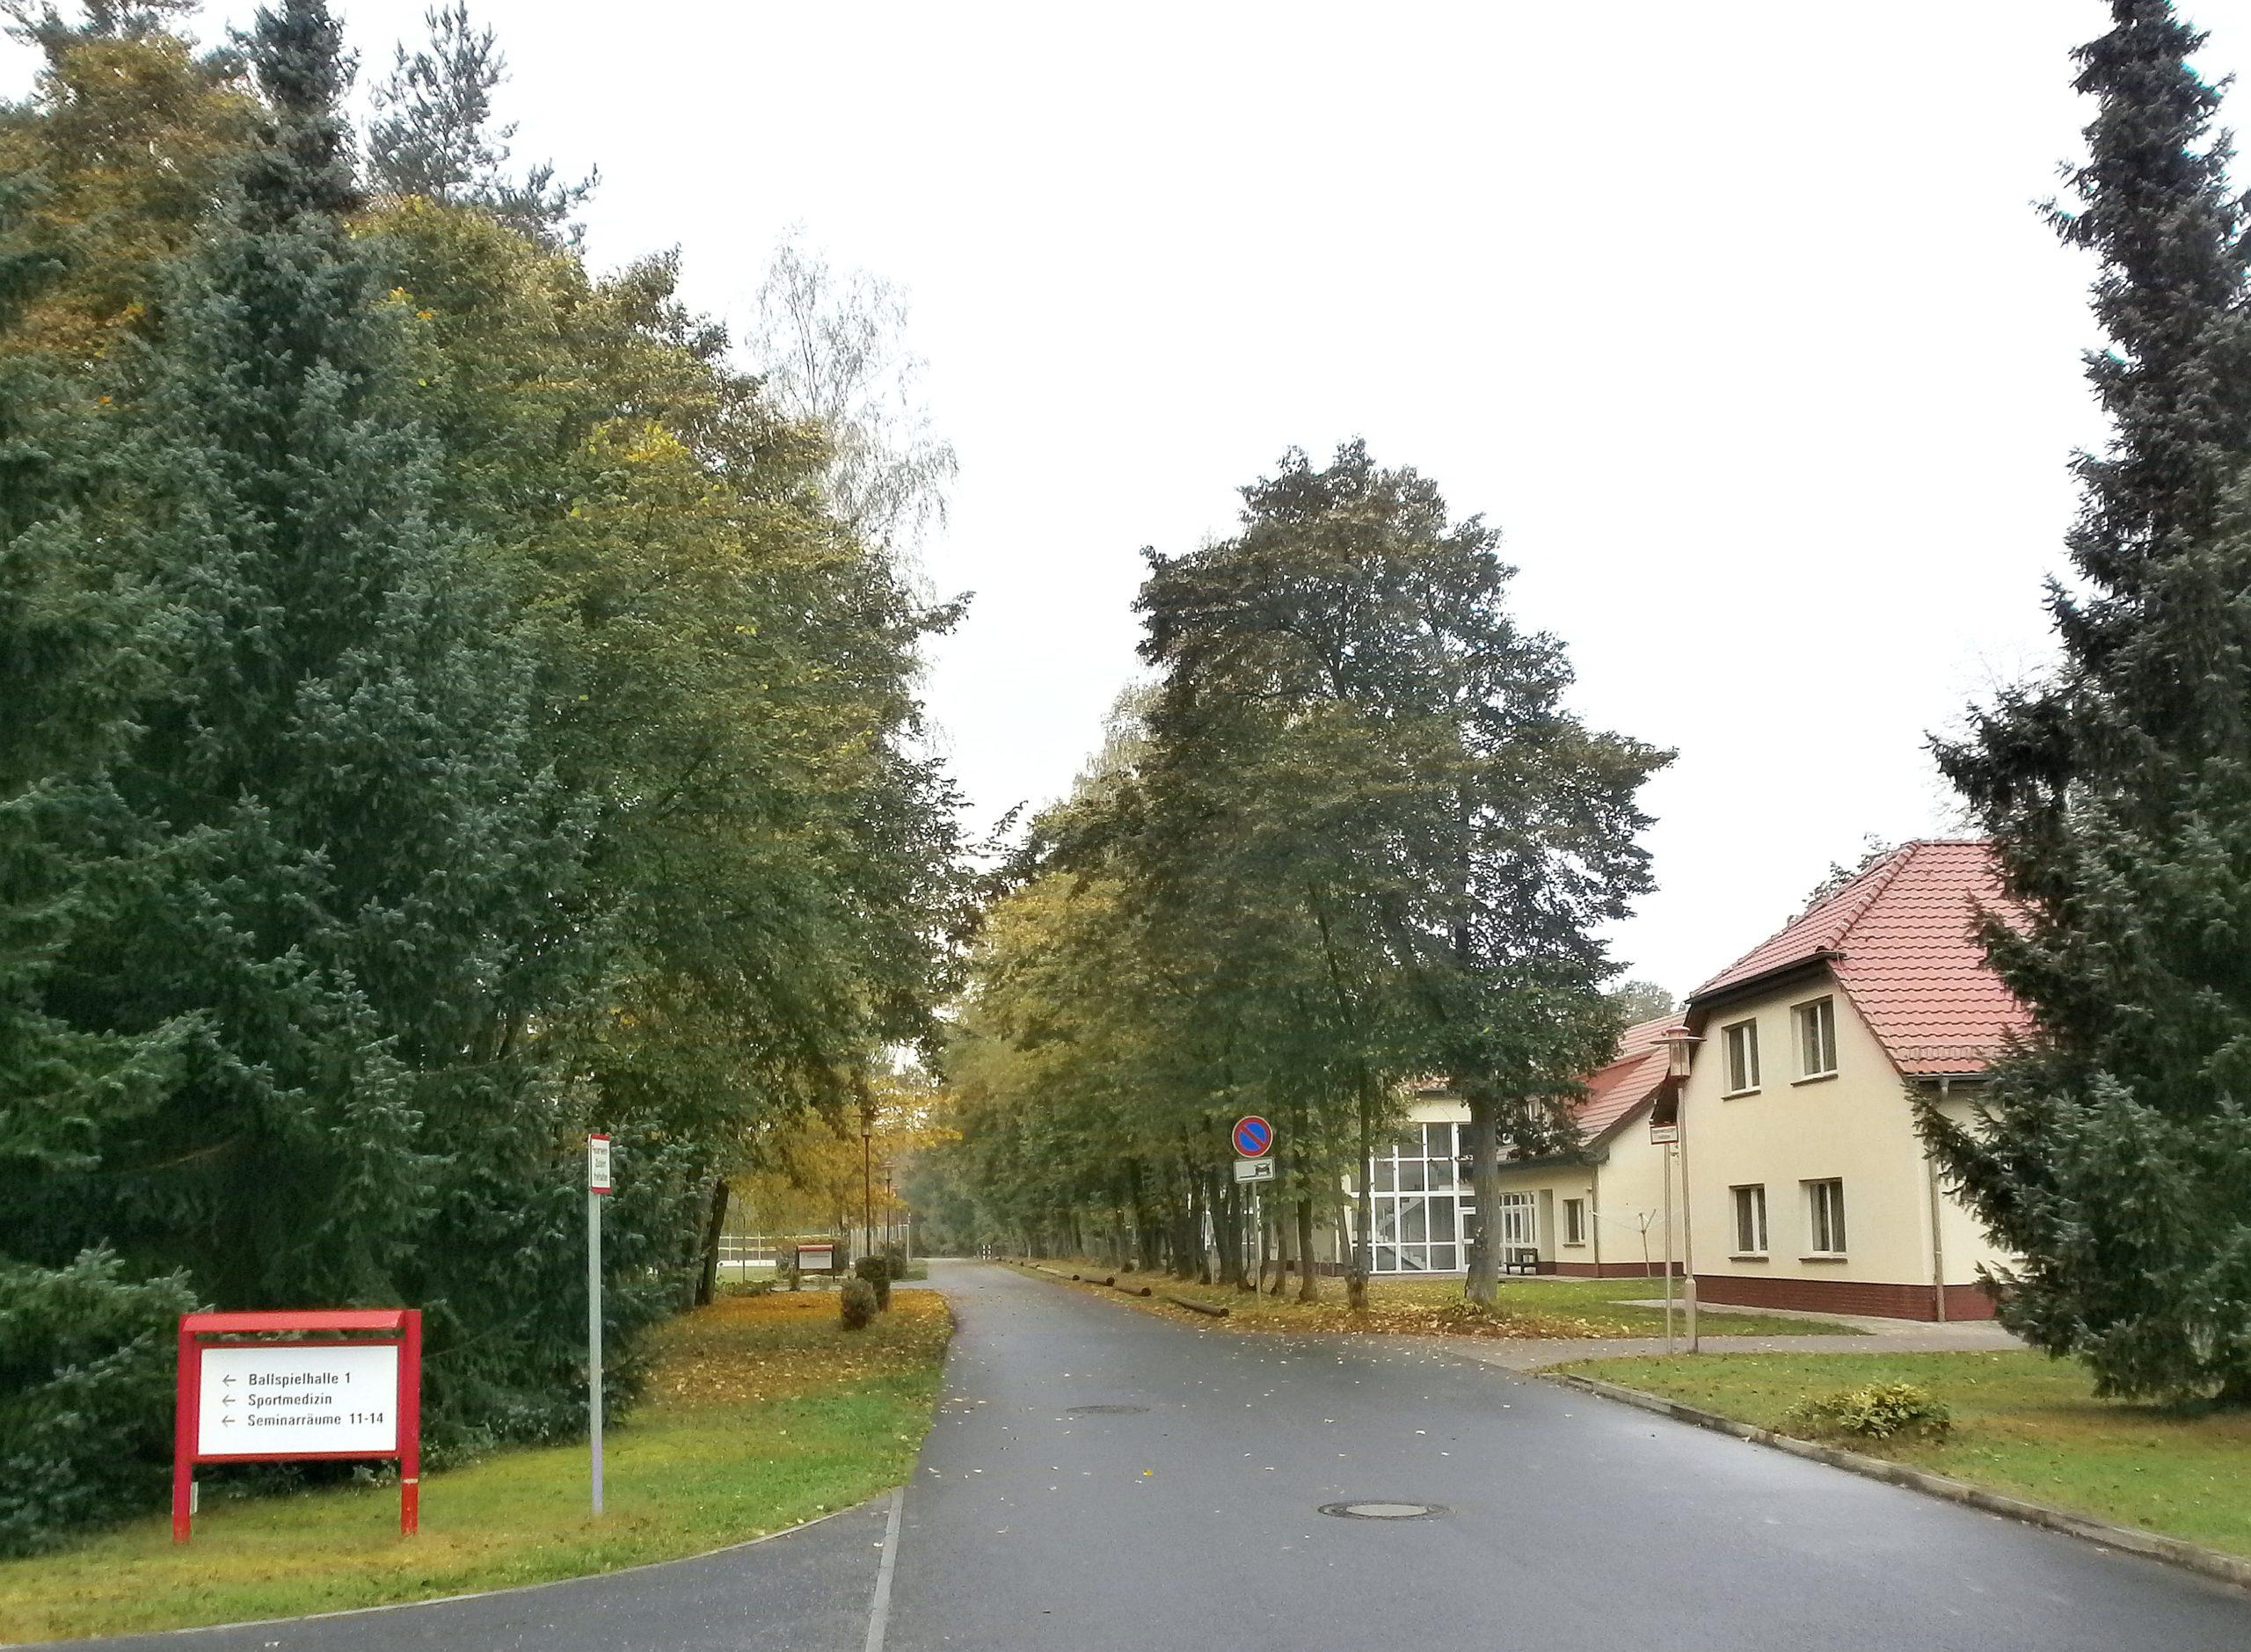 Sportschule Kienbaum